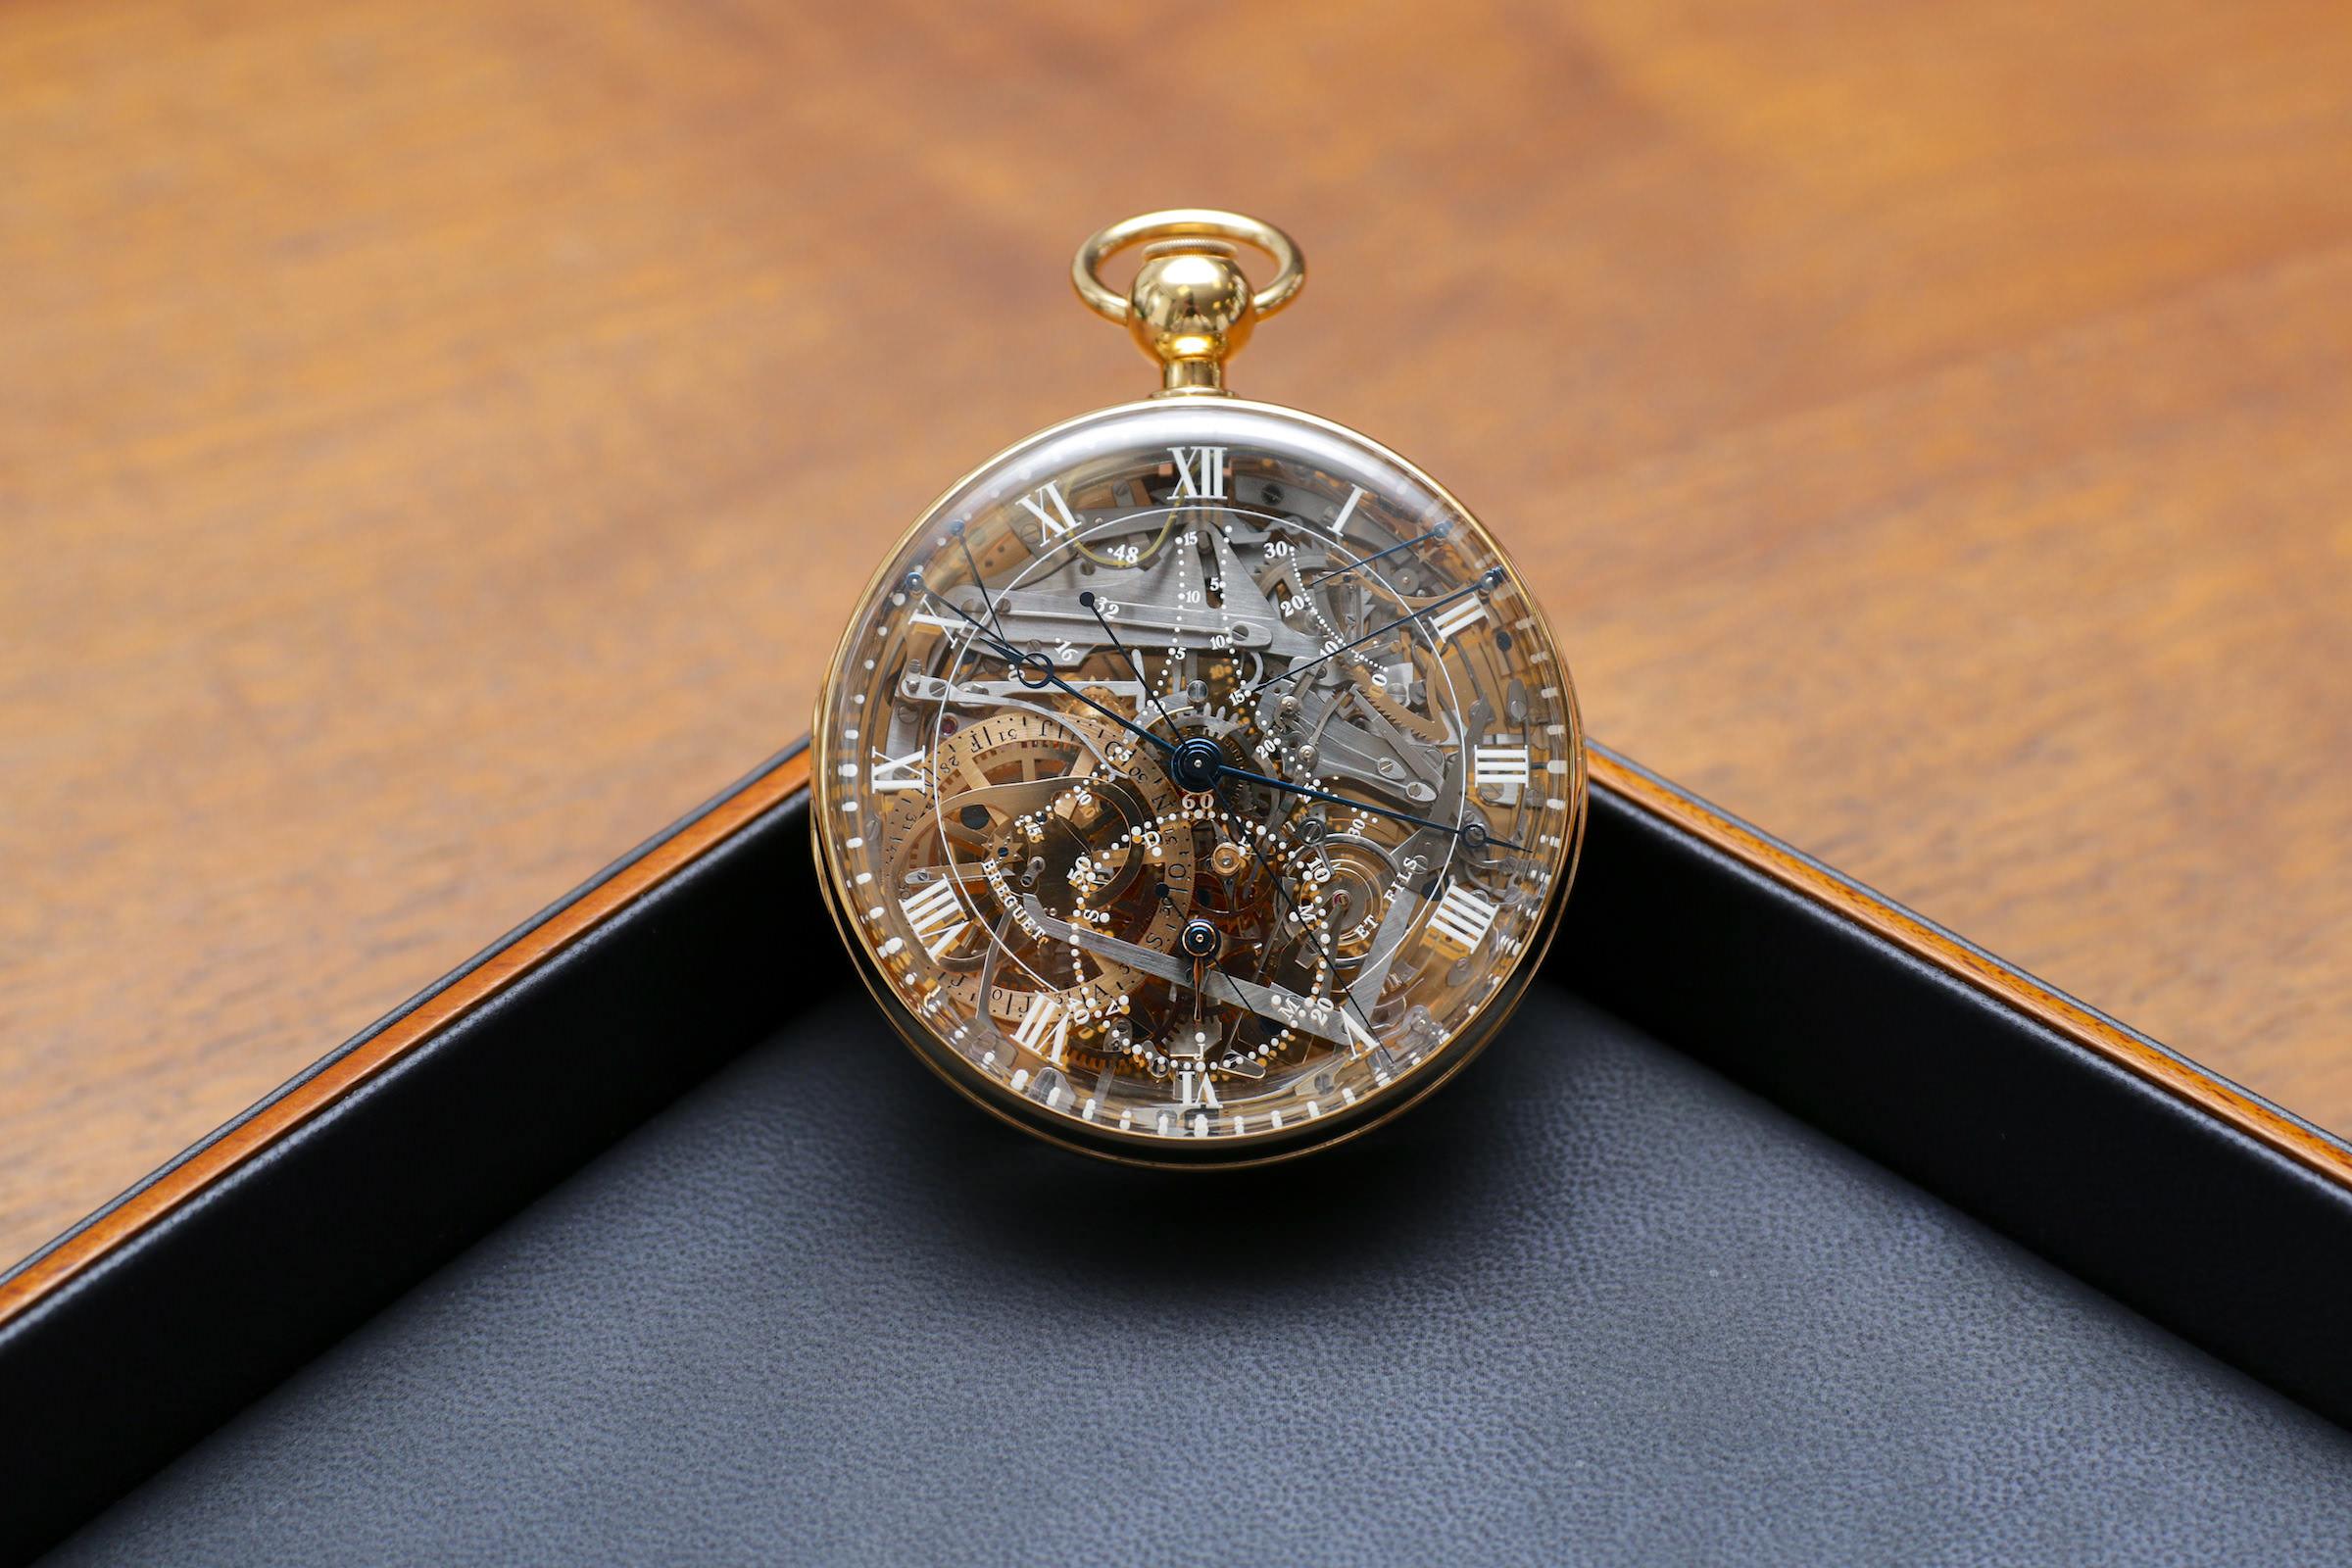 Die Breguet Uhr mit dem legendären Namen Marie-Antoinette